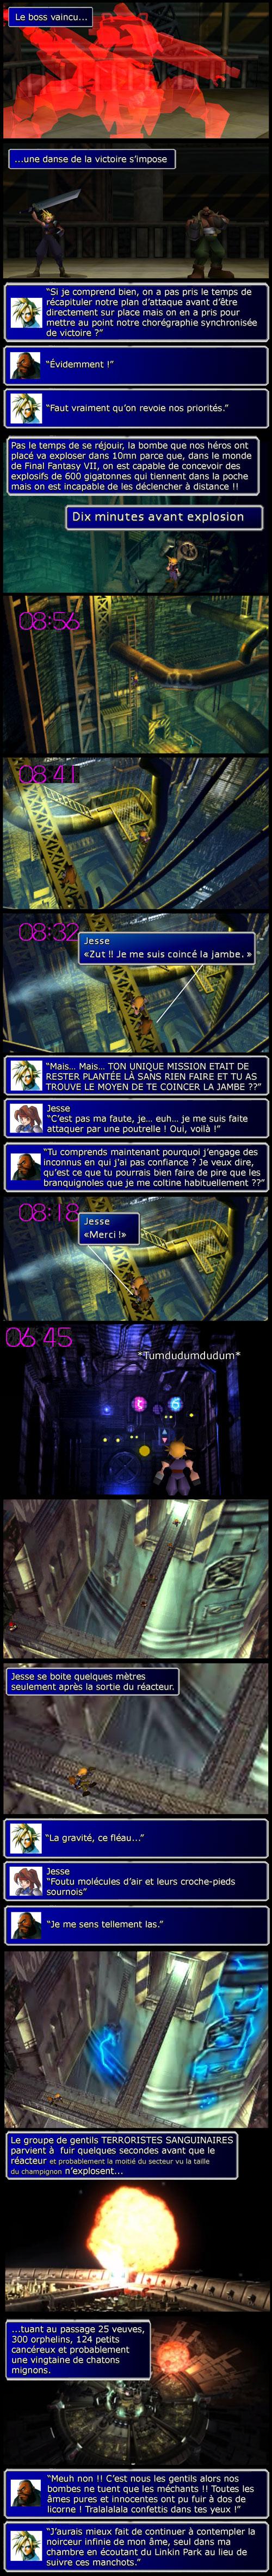 Final fantasy 7 : Le robot scorpion tué, Cloud et Avalanche fuient les lieux, le réacteur explose